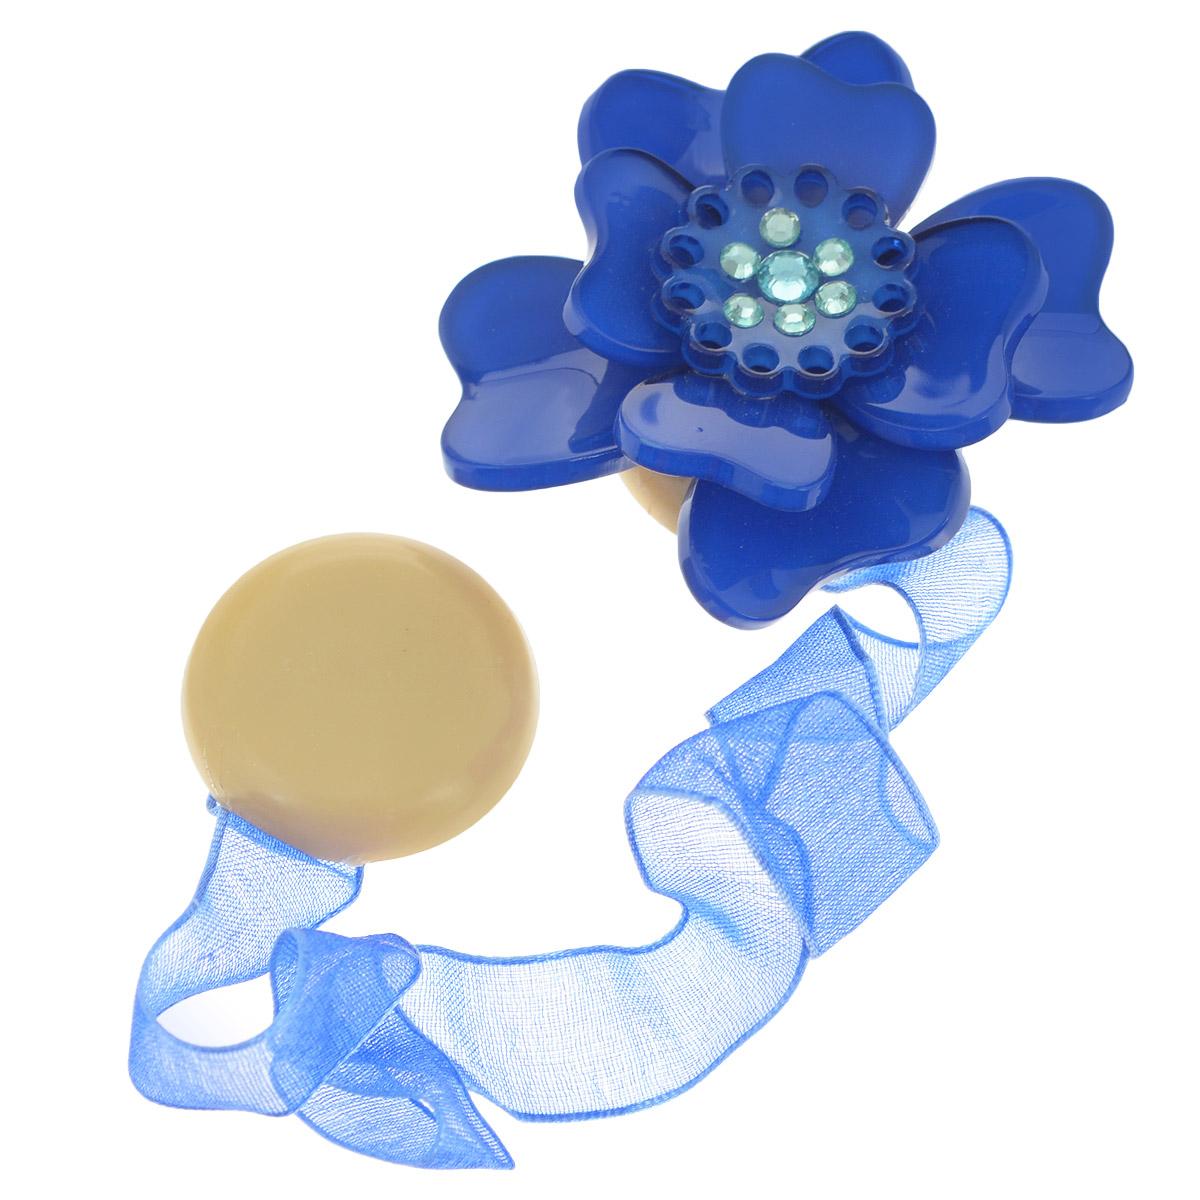 Клипса-магнит для штор Calamita Fiore, цвет: синий. 7704008_7927704008_792Клипса-магнит Calamita Fiore, изготовленная из пластика и текстиля, предназначена для придания формы шторам. Изделие представляет собой два магнита, расположенные на разных концах текстильной ленты. Один из магнитов оформлен декоративным цветком и украшен стразами. С помощью такой магнитной клипсы можно зафиксировать портьеры, придать им требуемое положение, сделать складки симметричными или приблизить портьеры, скрепить их. Клипсы для штор являются универсальным изделием, которое превосходно подойдет как для штор в детской комнате, так и для штор в гостиной. Следует отметить, что клипсы для штор выполняют не только практическую функцию, но также являются одной из основных деталей декора этого изделия, которая придает шторам восхитительный, стильный внешний вид.